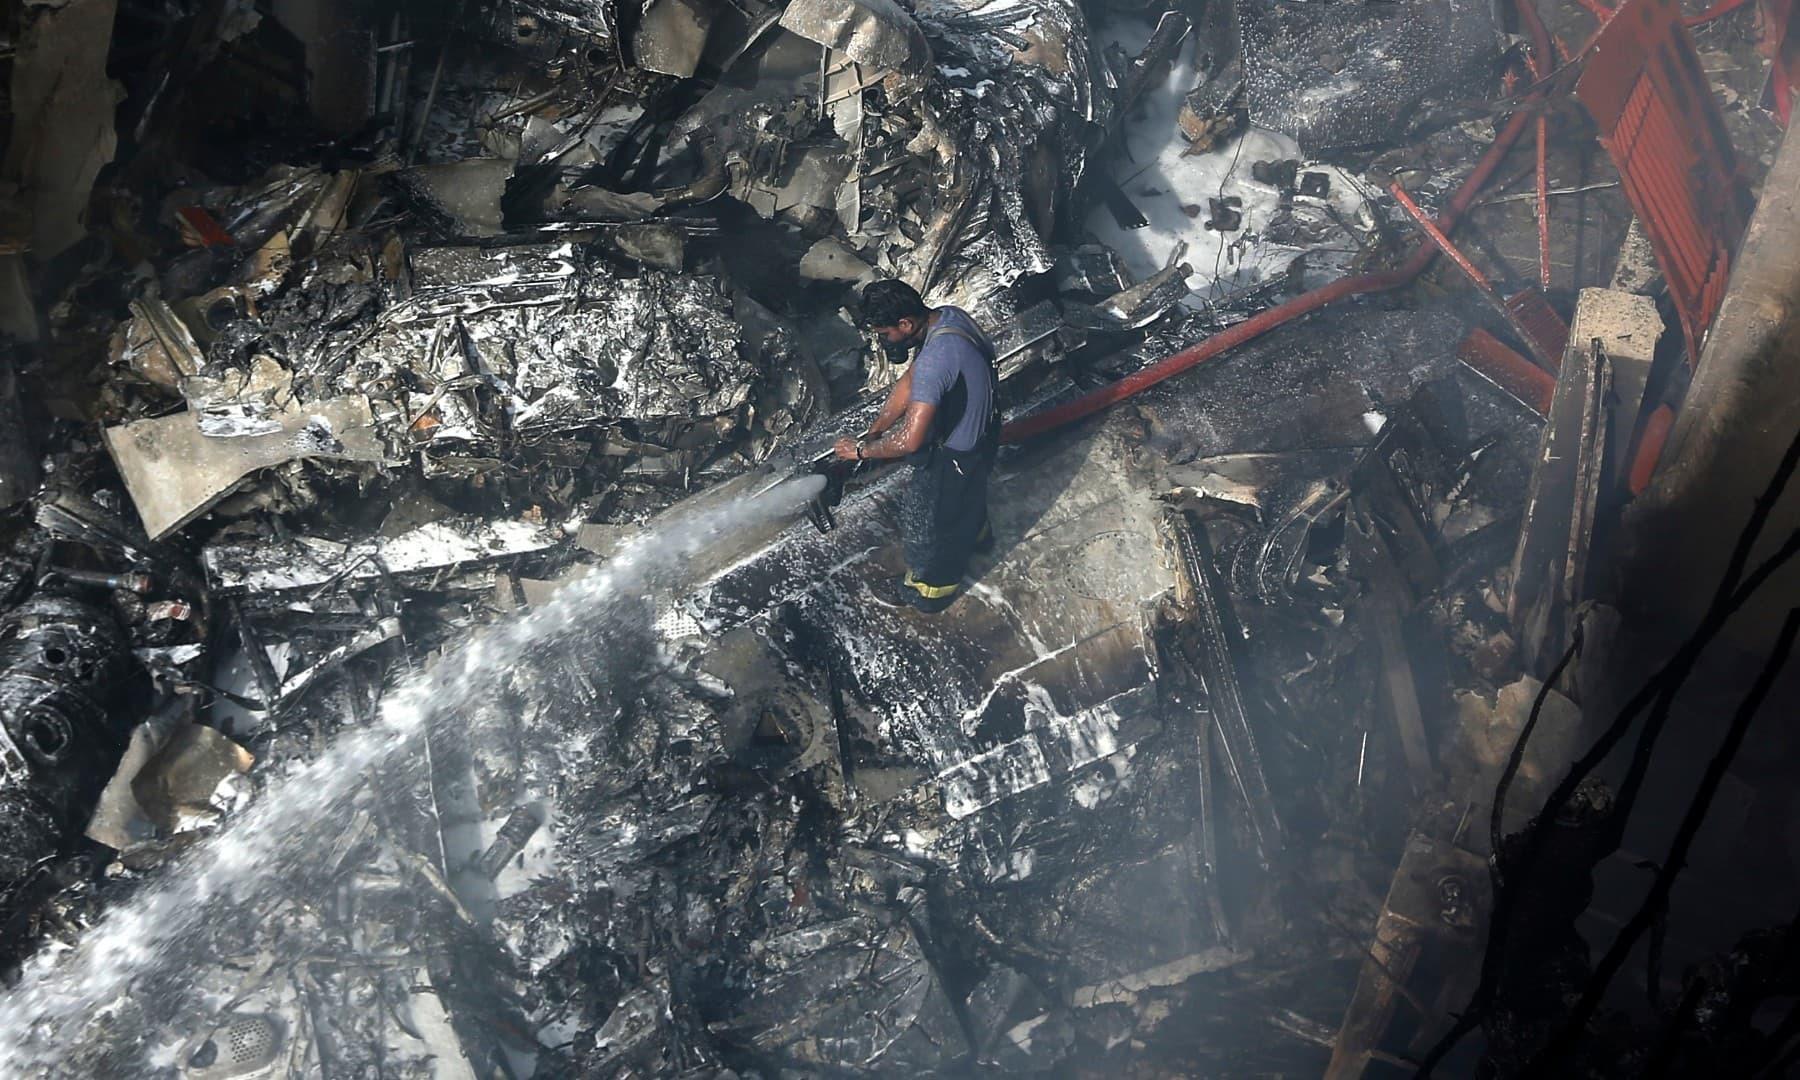 فائر فائٹرز نے مشکلات کے باوجود آگ کو جلد قابو کرنے کی کوششیں کیں—فوٹو:اے پی